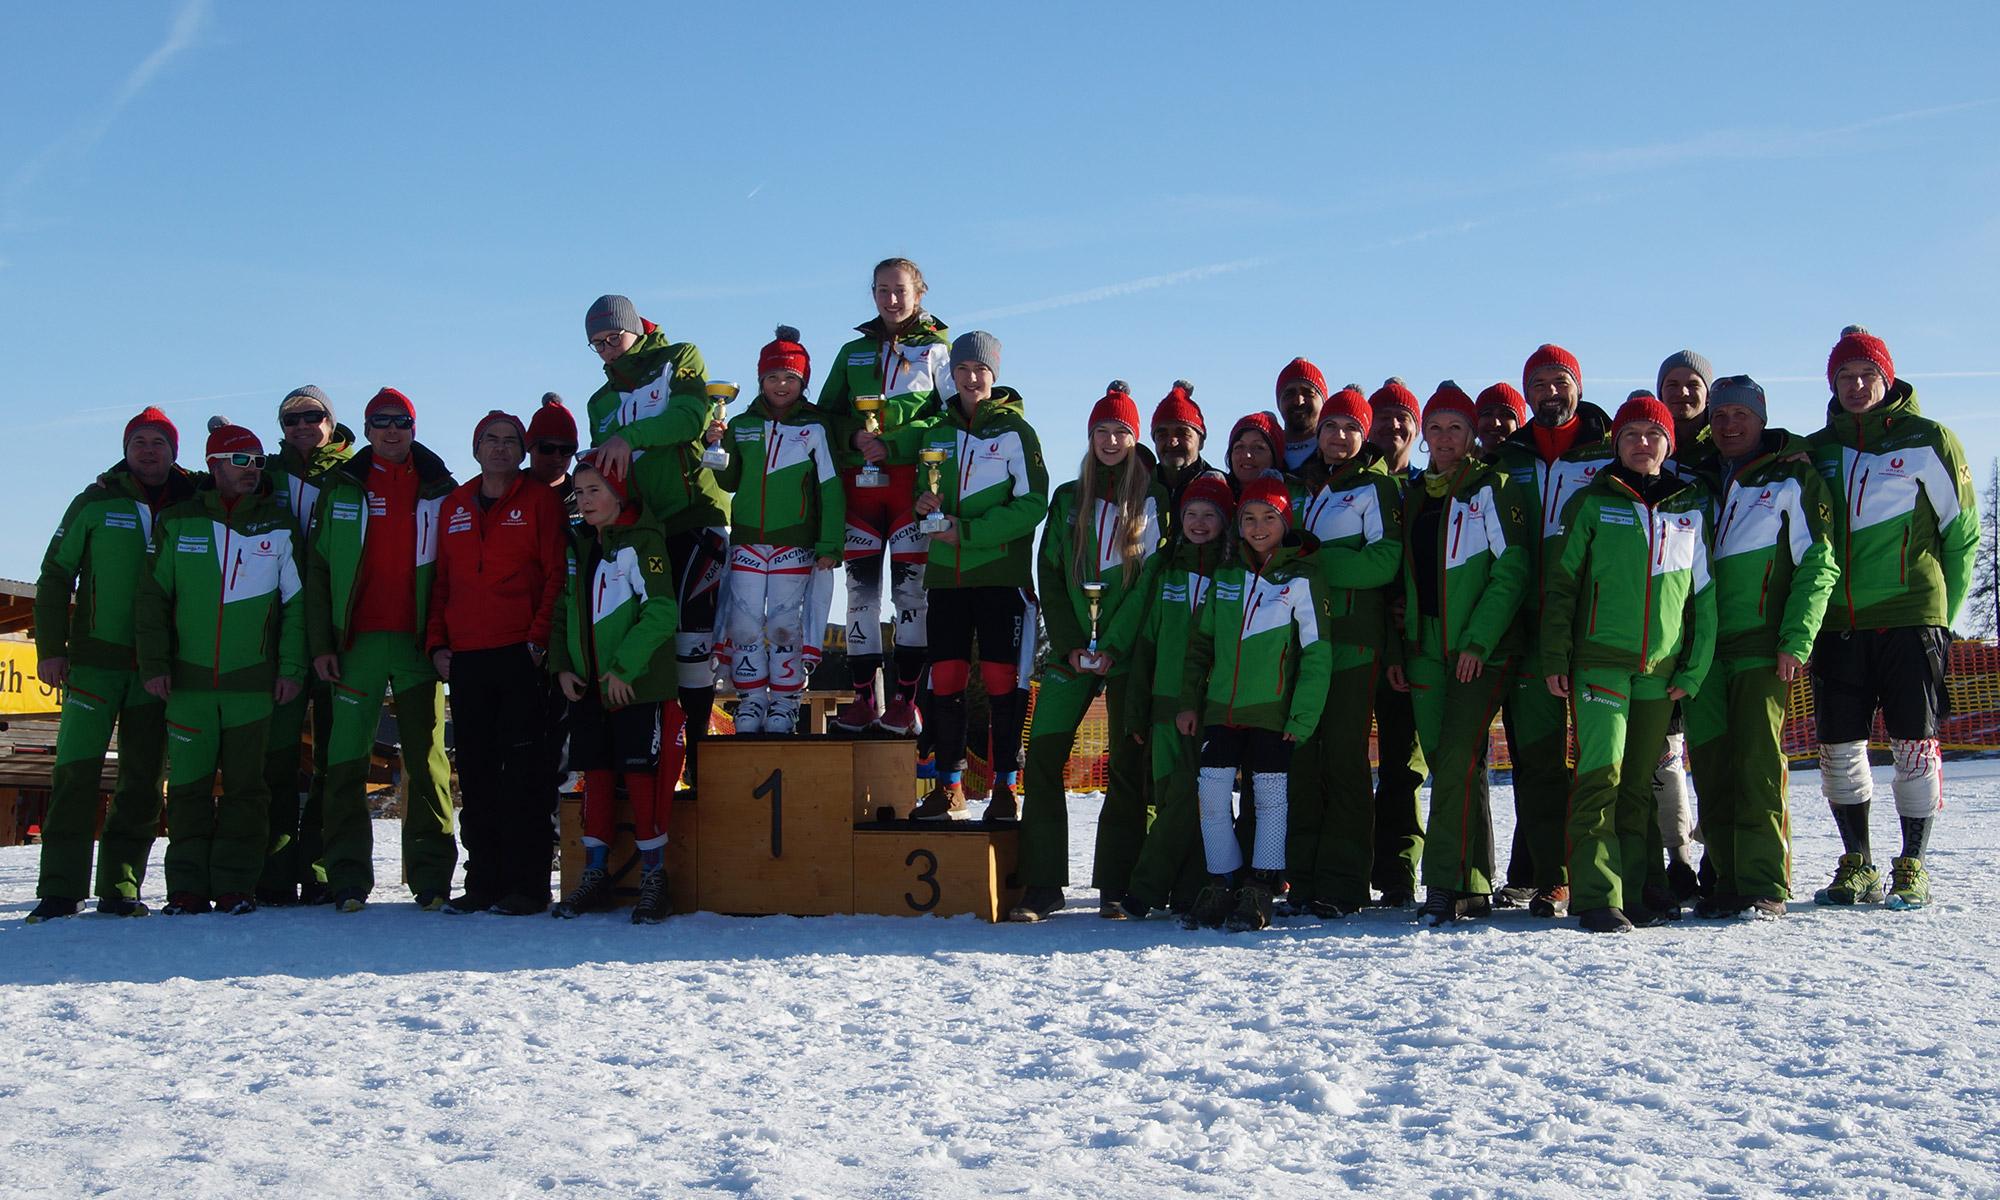 Skiteam Passail